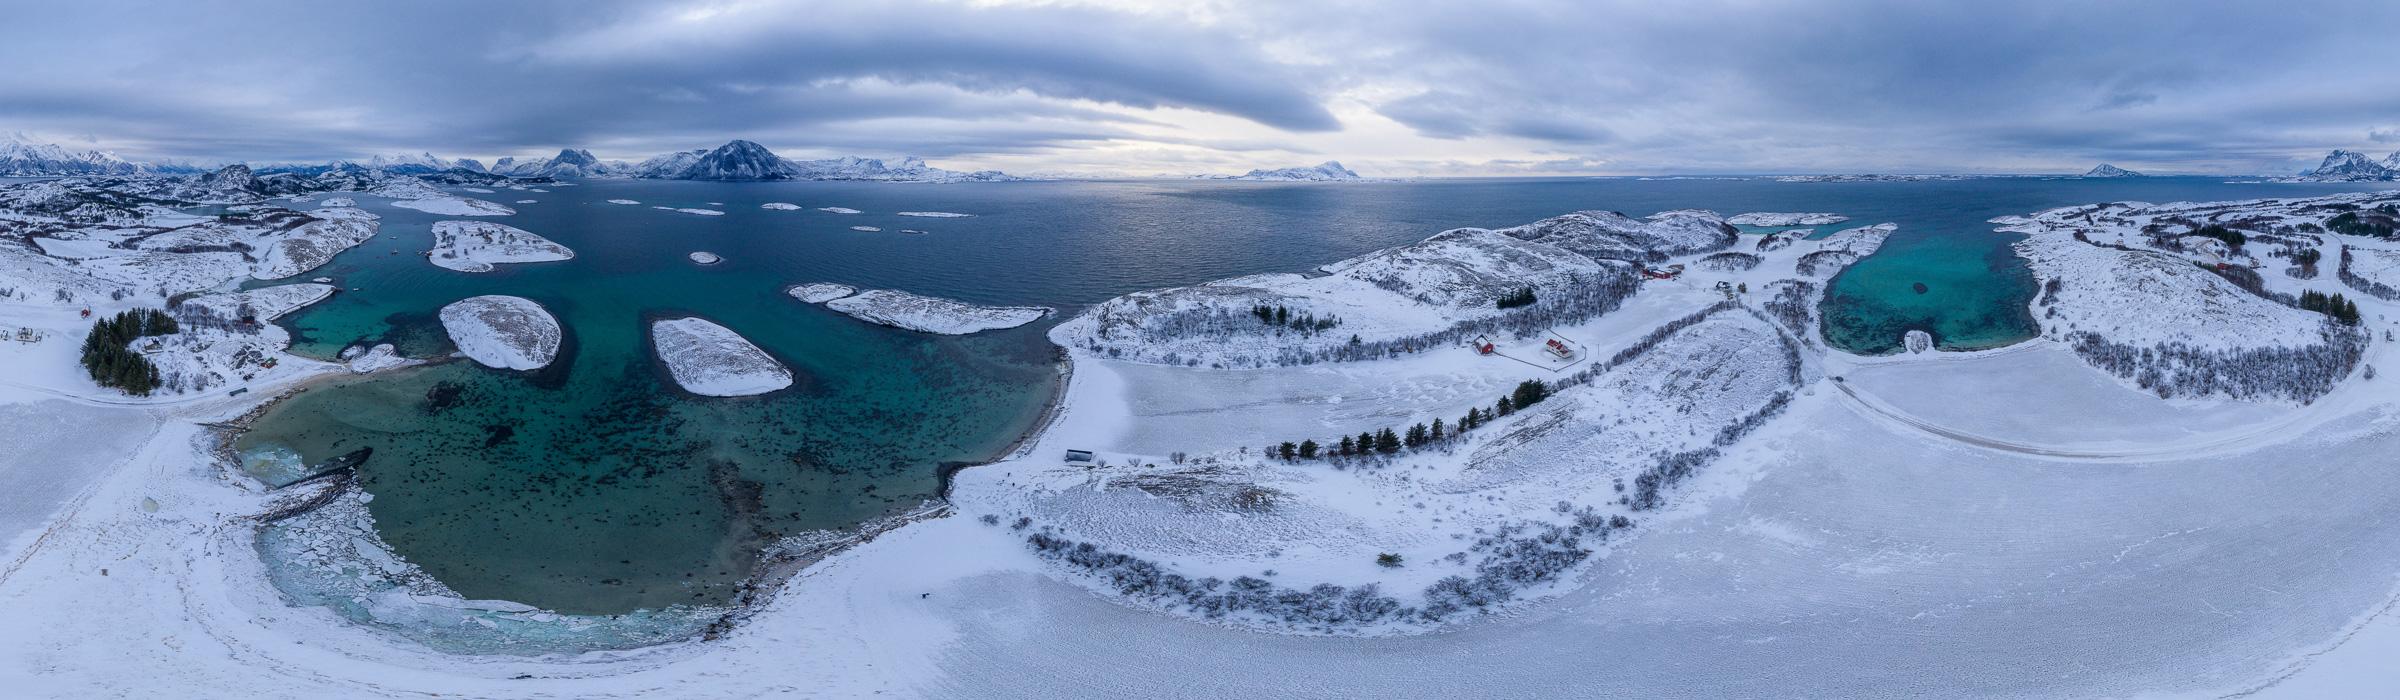 Drohnenpanorama über dem Fjord in Norwegen